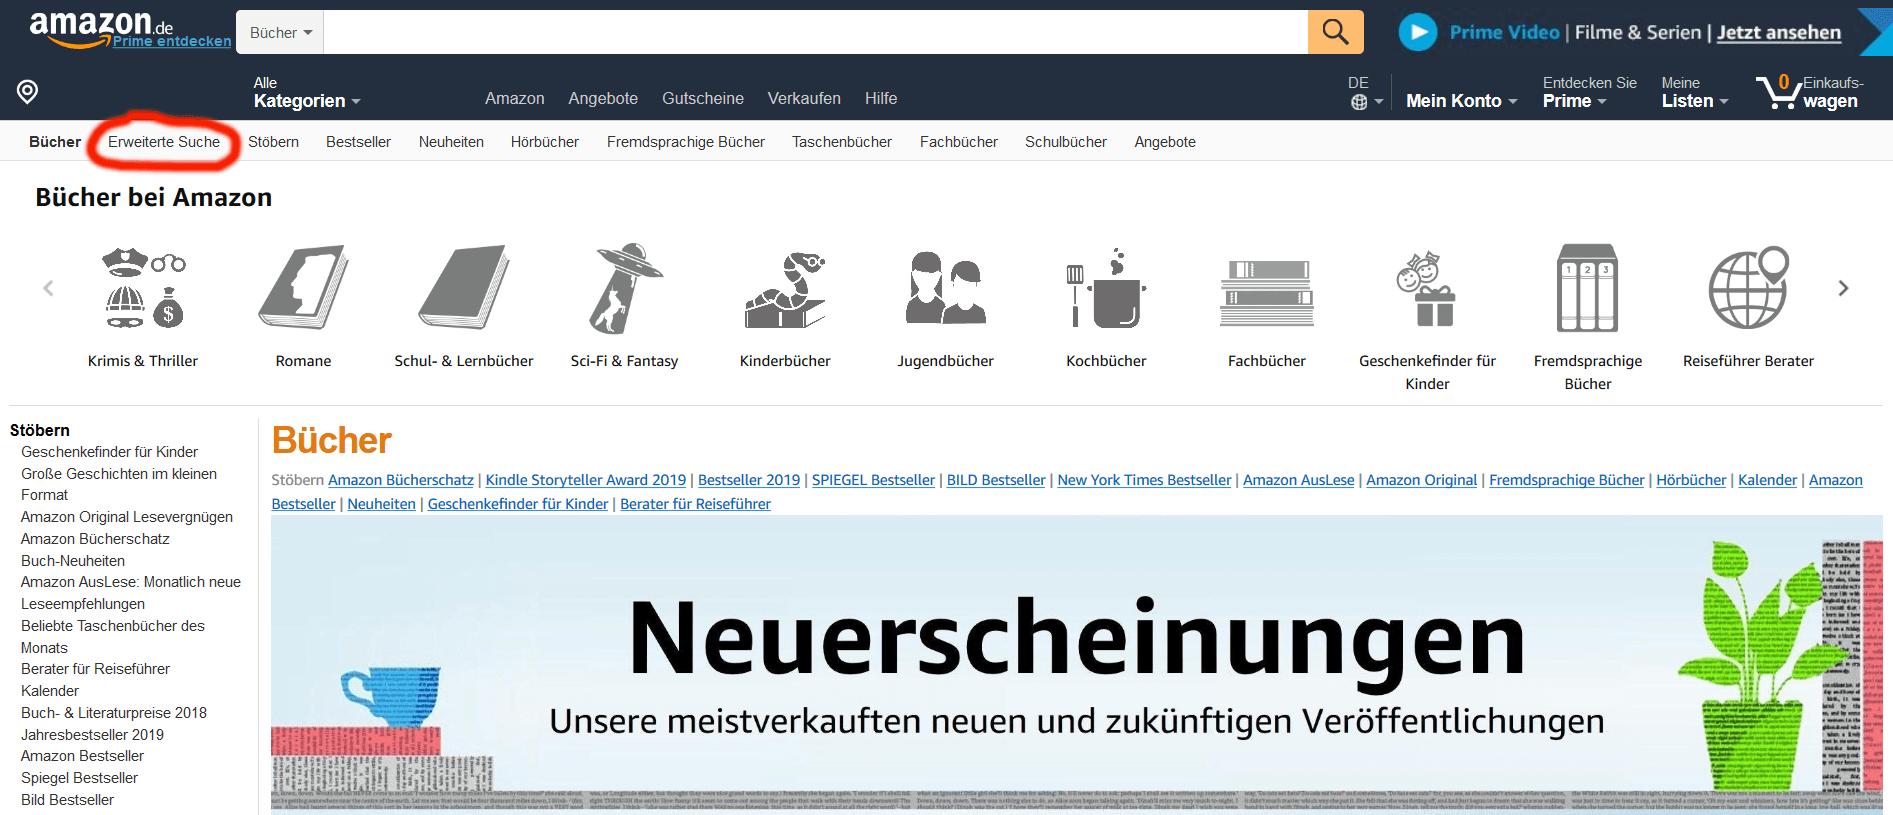 526f8df303f76d Amazon.de für Schweizer: Bester Ratgeber ▤ MyPaketshop